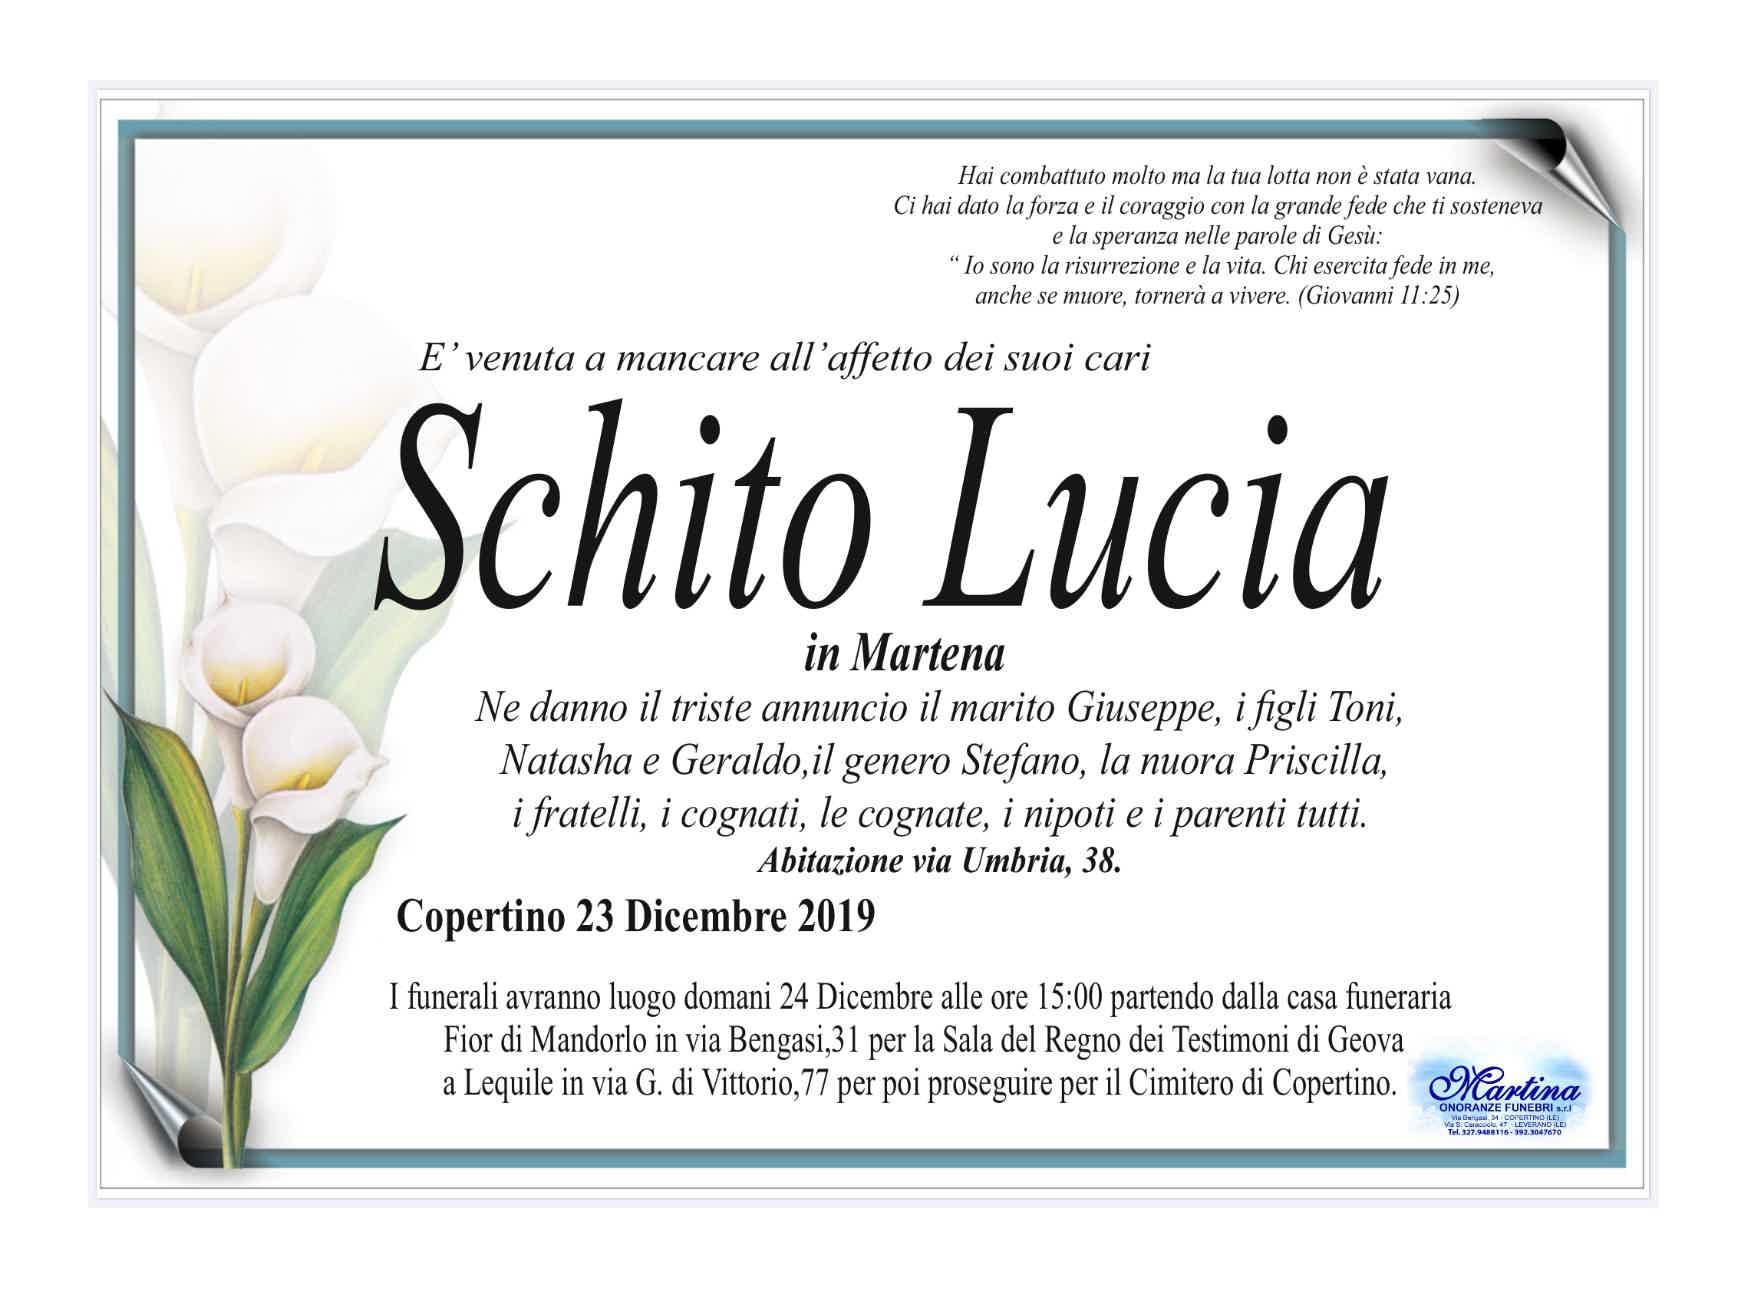 Lucia Schito